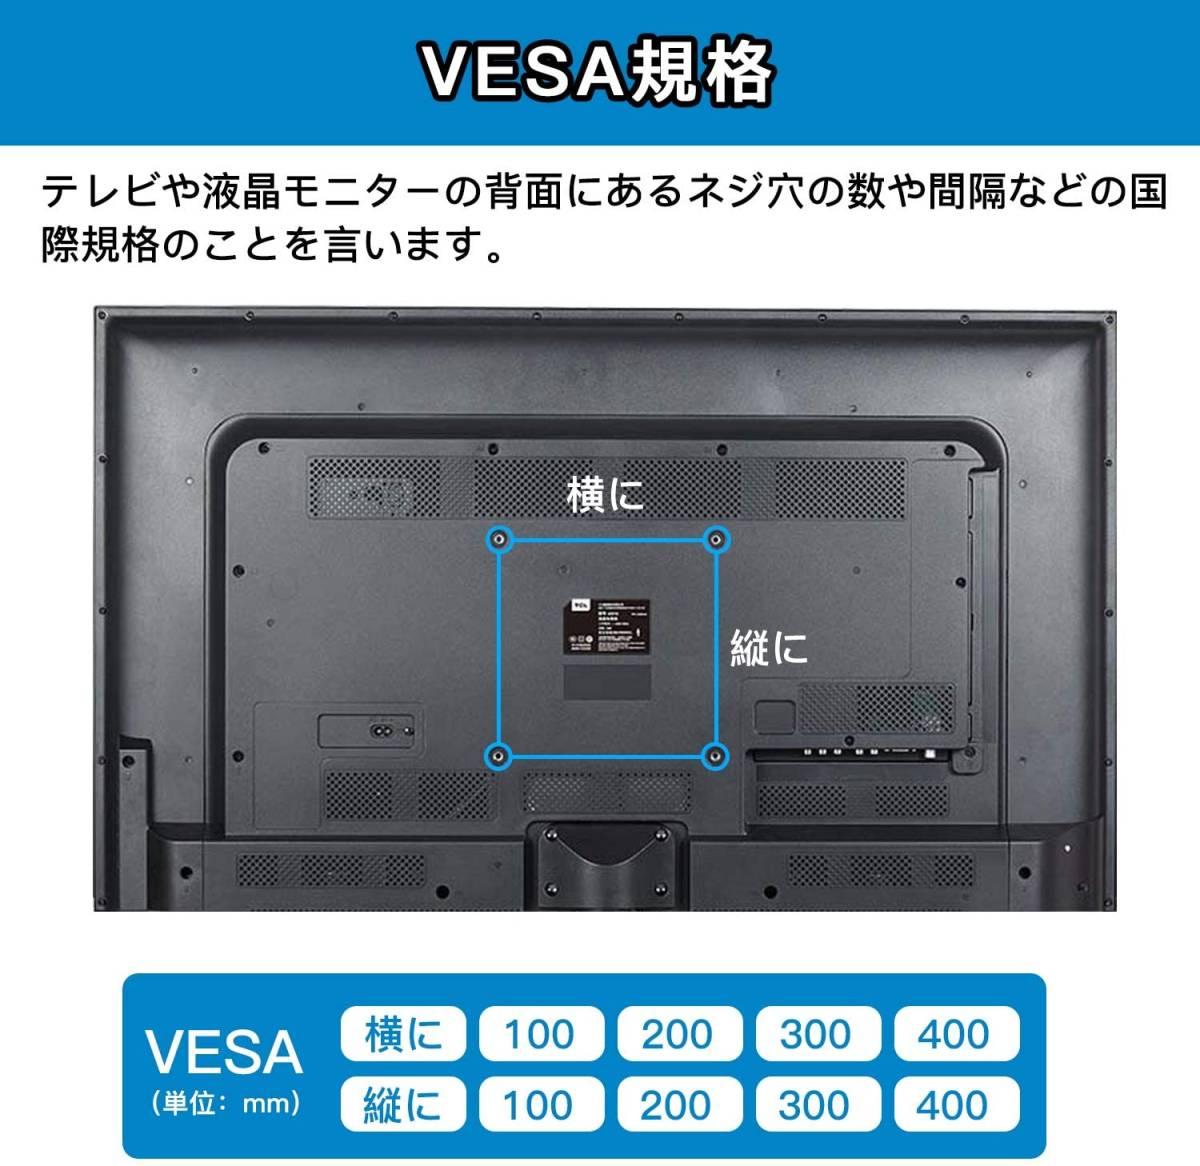 PERLESMITH テレビ壁掛け金具 26-55インチ対応 耐荷重60kg LCD LED 液晶テレビ用 ティルト±10度 VESA400x400mm (ブラック)_画像4